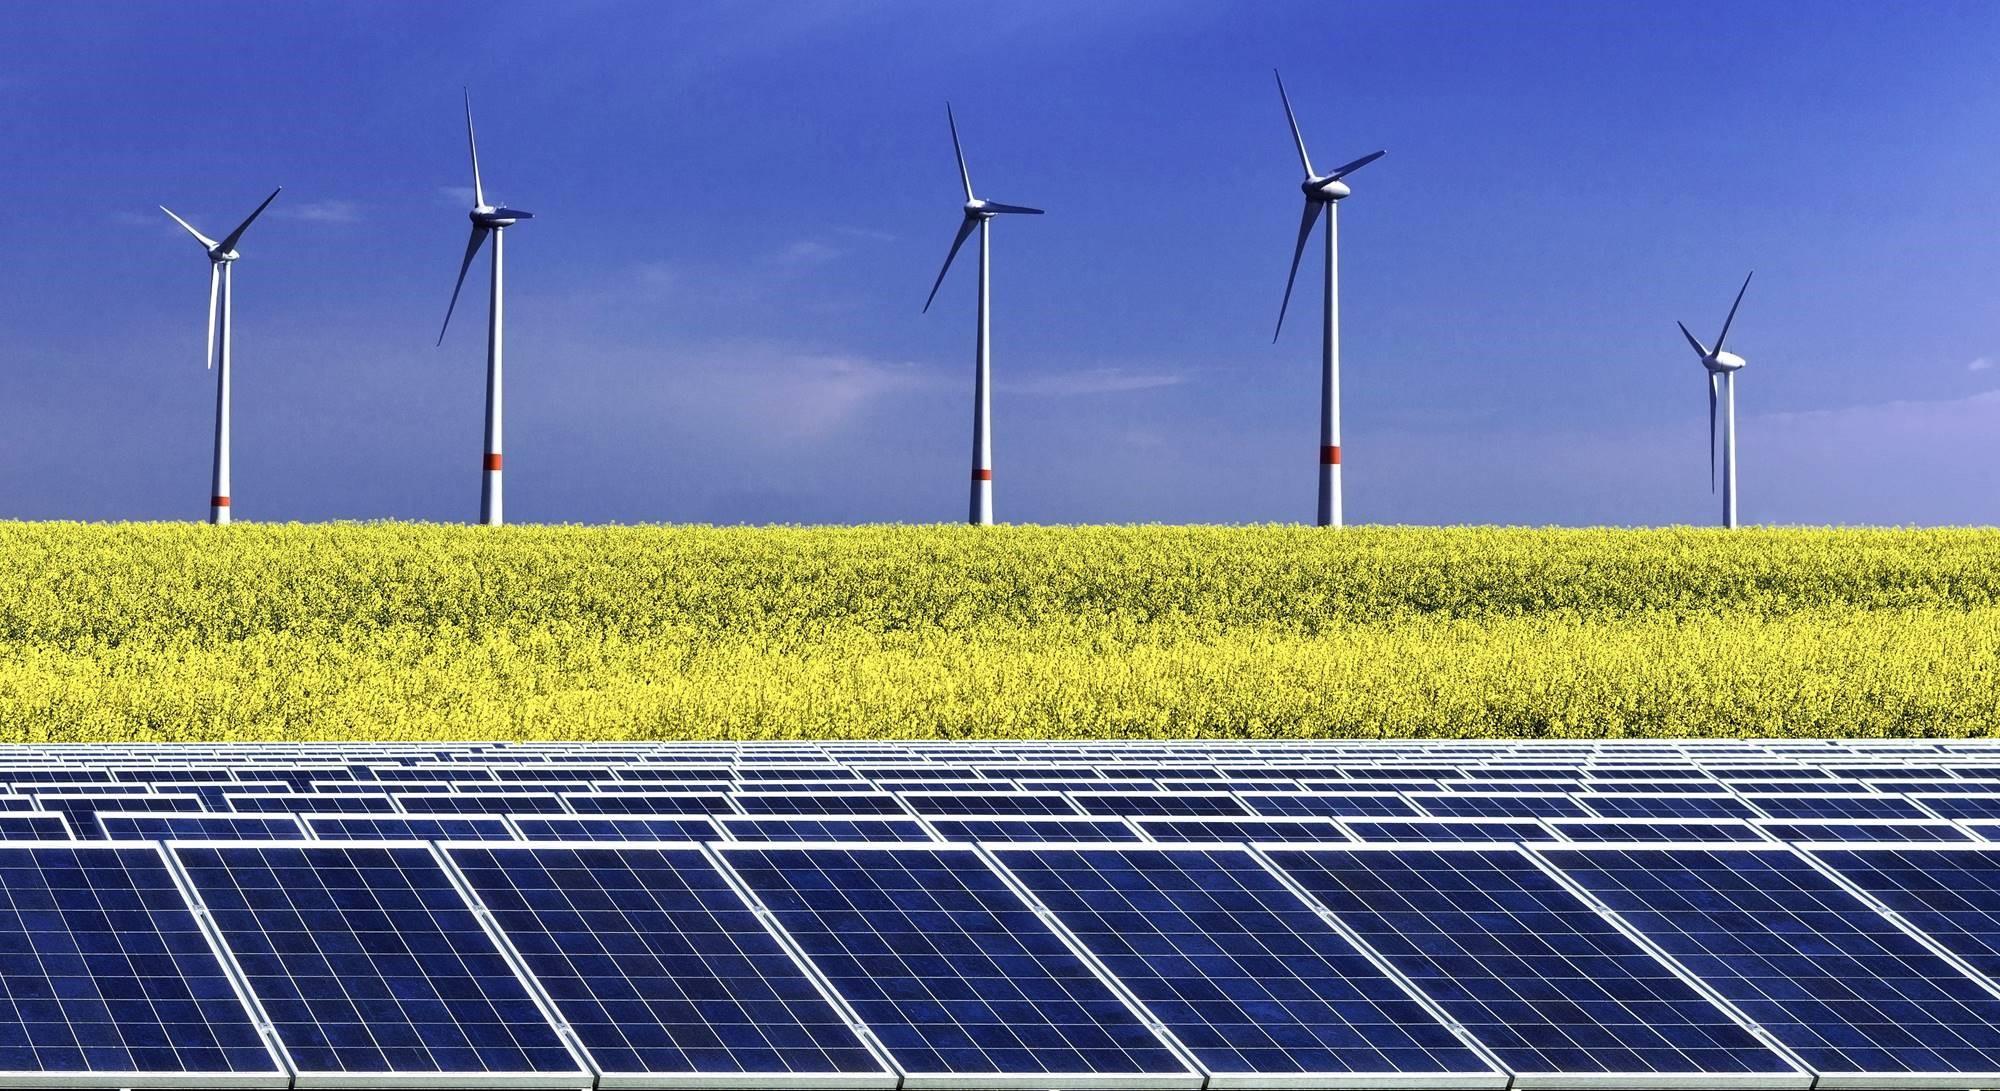 L'intégration sectorielle, un outil indispensable pour atteindre la neutralité carbone ?